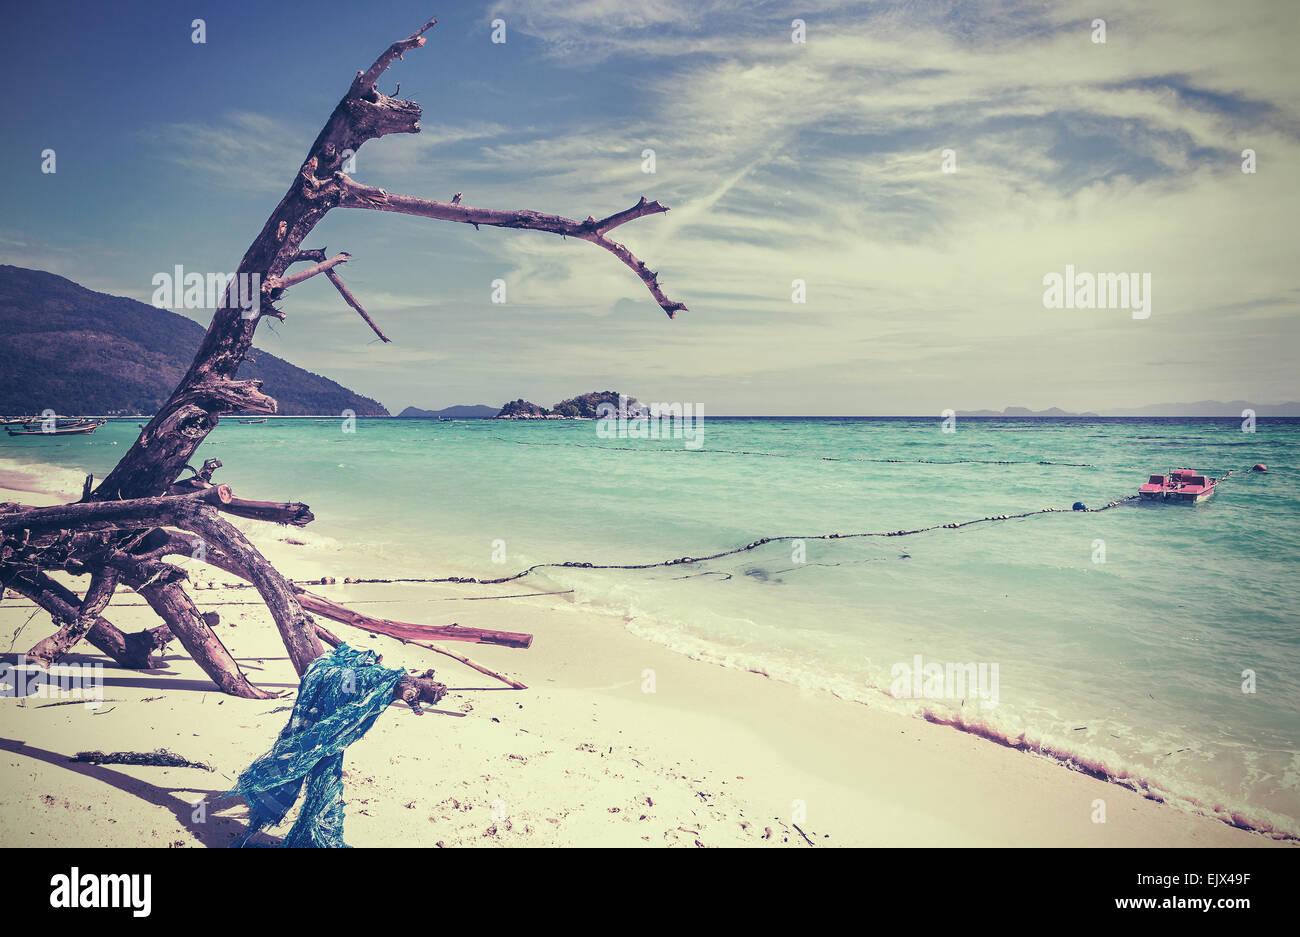 Tropical Island Film